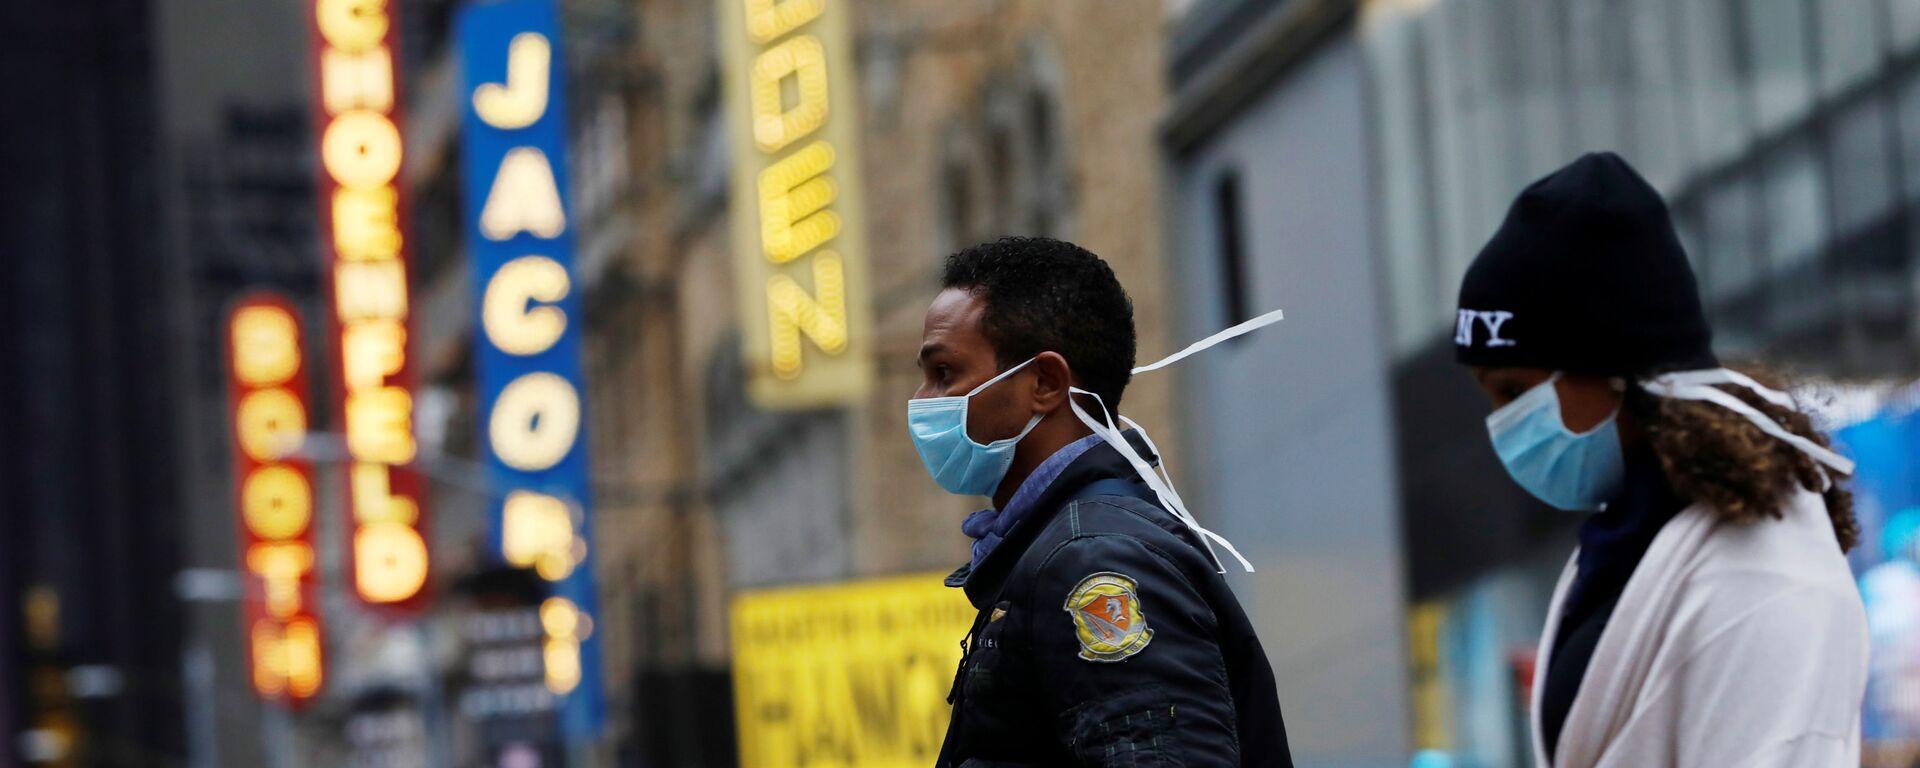 ABD - New York + Manhattan - maske  - koronavirüs - Sputnik Türkiye, 1920, 13.05.2021